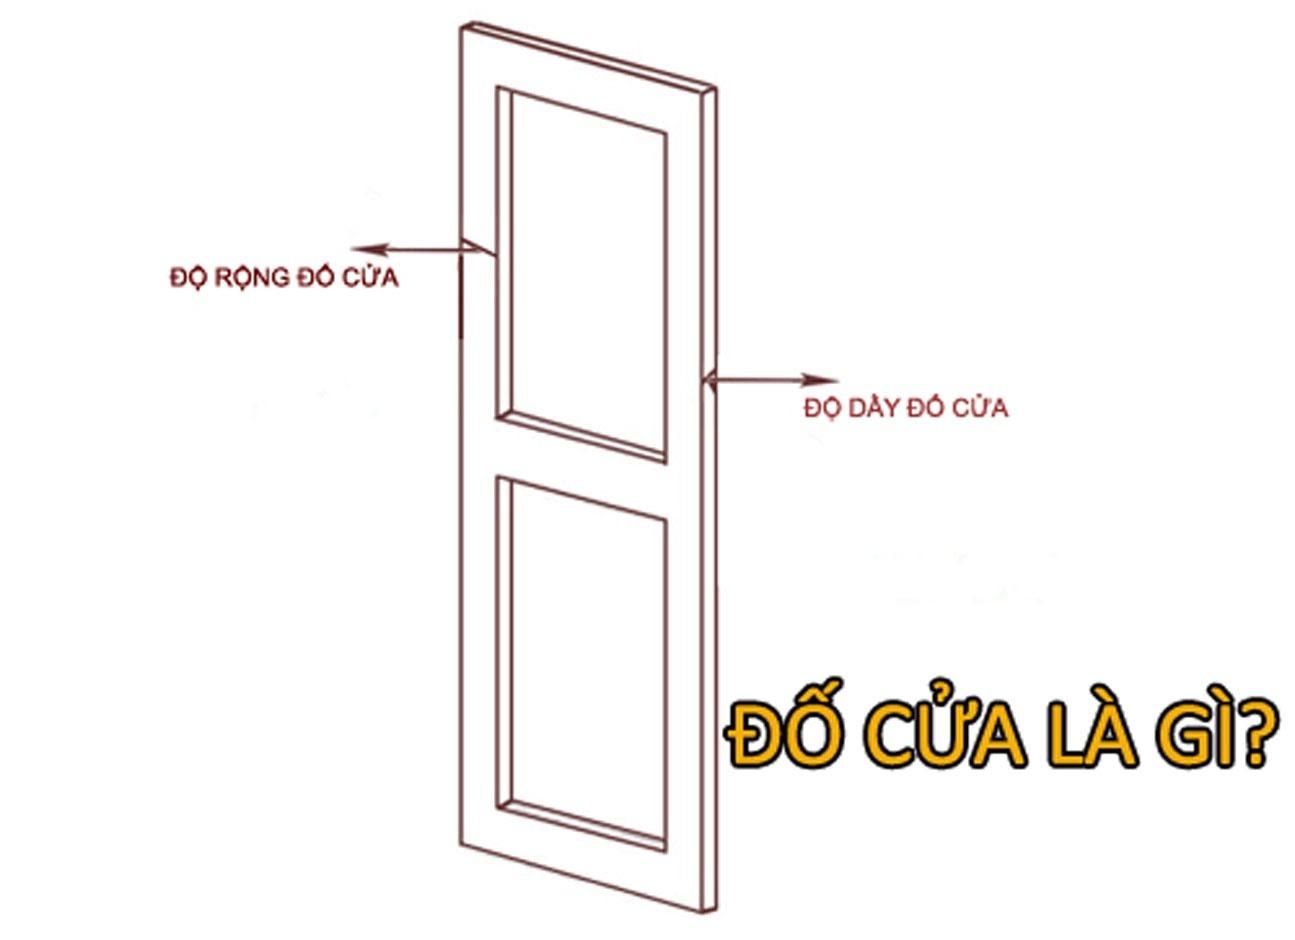 Khóa vân tay dùng cho những cửa gì?